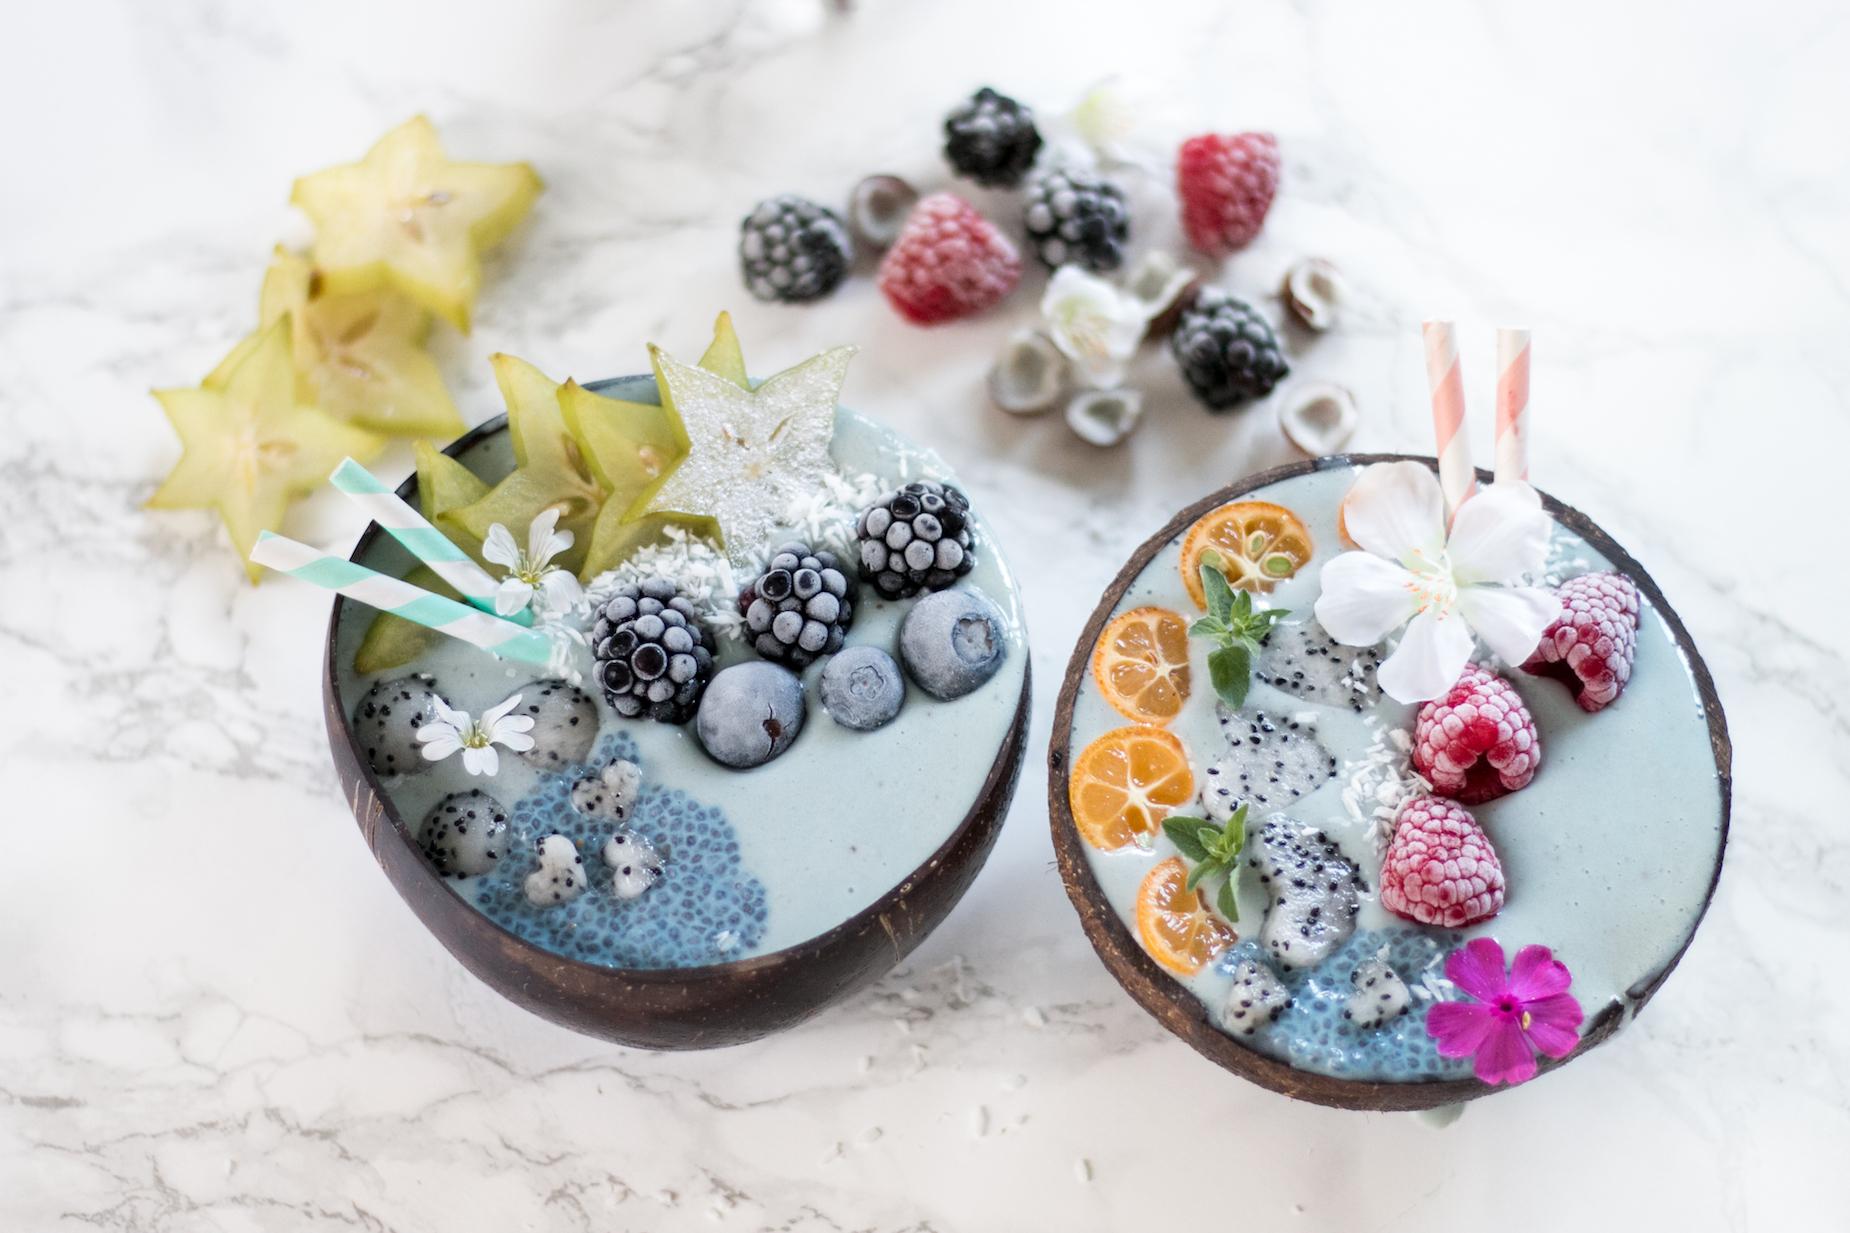 blaue Smoothie Bowl perfekt als Frühstück oder Dessert an heißen Sommertagen. Sieht nicht nur hübsch aus, sondern ist auch noch richtig gesund!